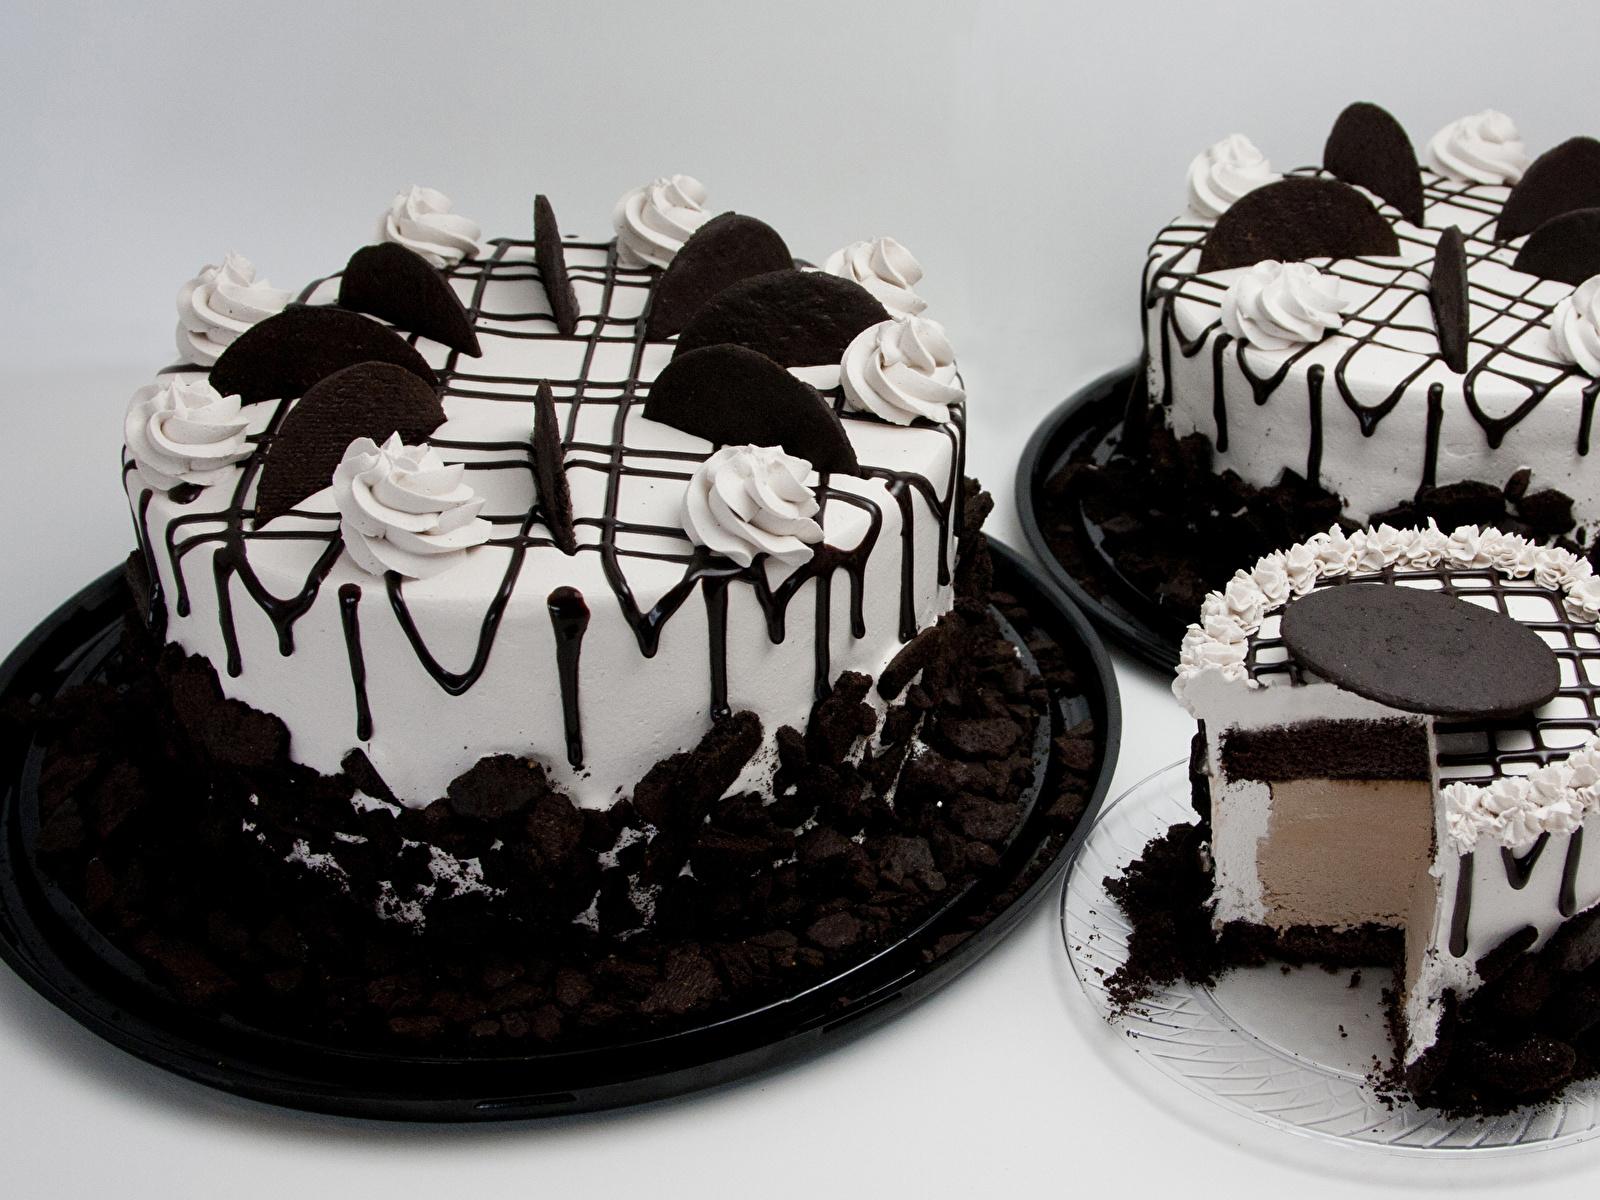 Картинки Шоколад Торты Еда три Сладости сером фоне Дизайн 1600x1200 Пища Трое 3 втроем Продукты питания Серый фон сладкая еда дизайна